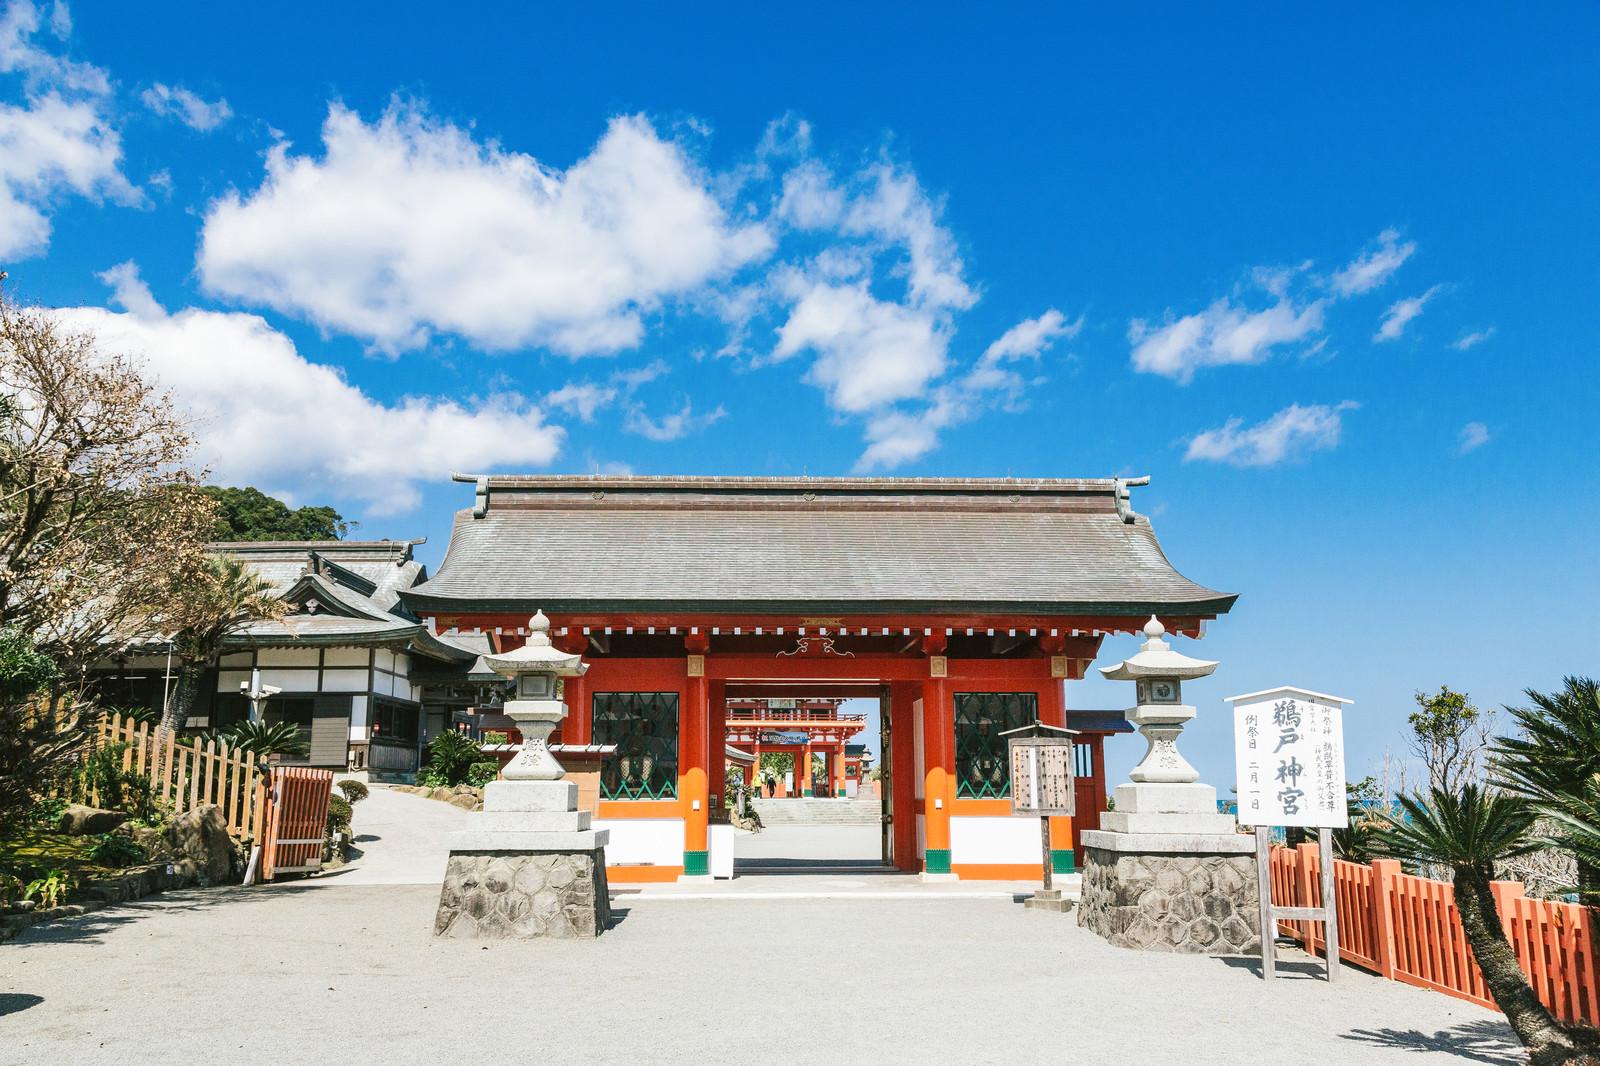 「鵜戸神宮のはじめにくぐる朱塗りの神門」の写真